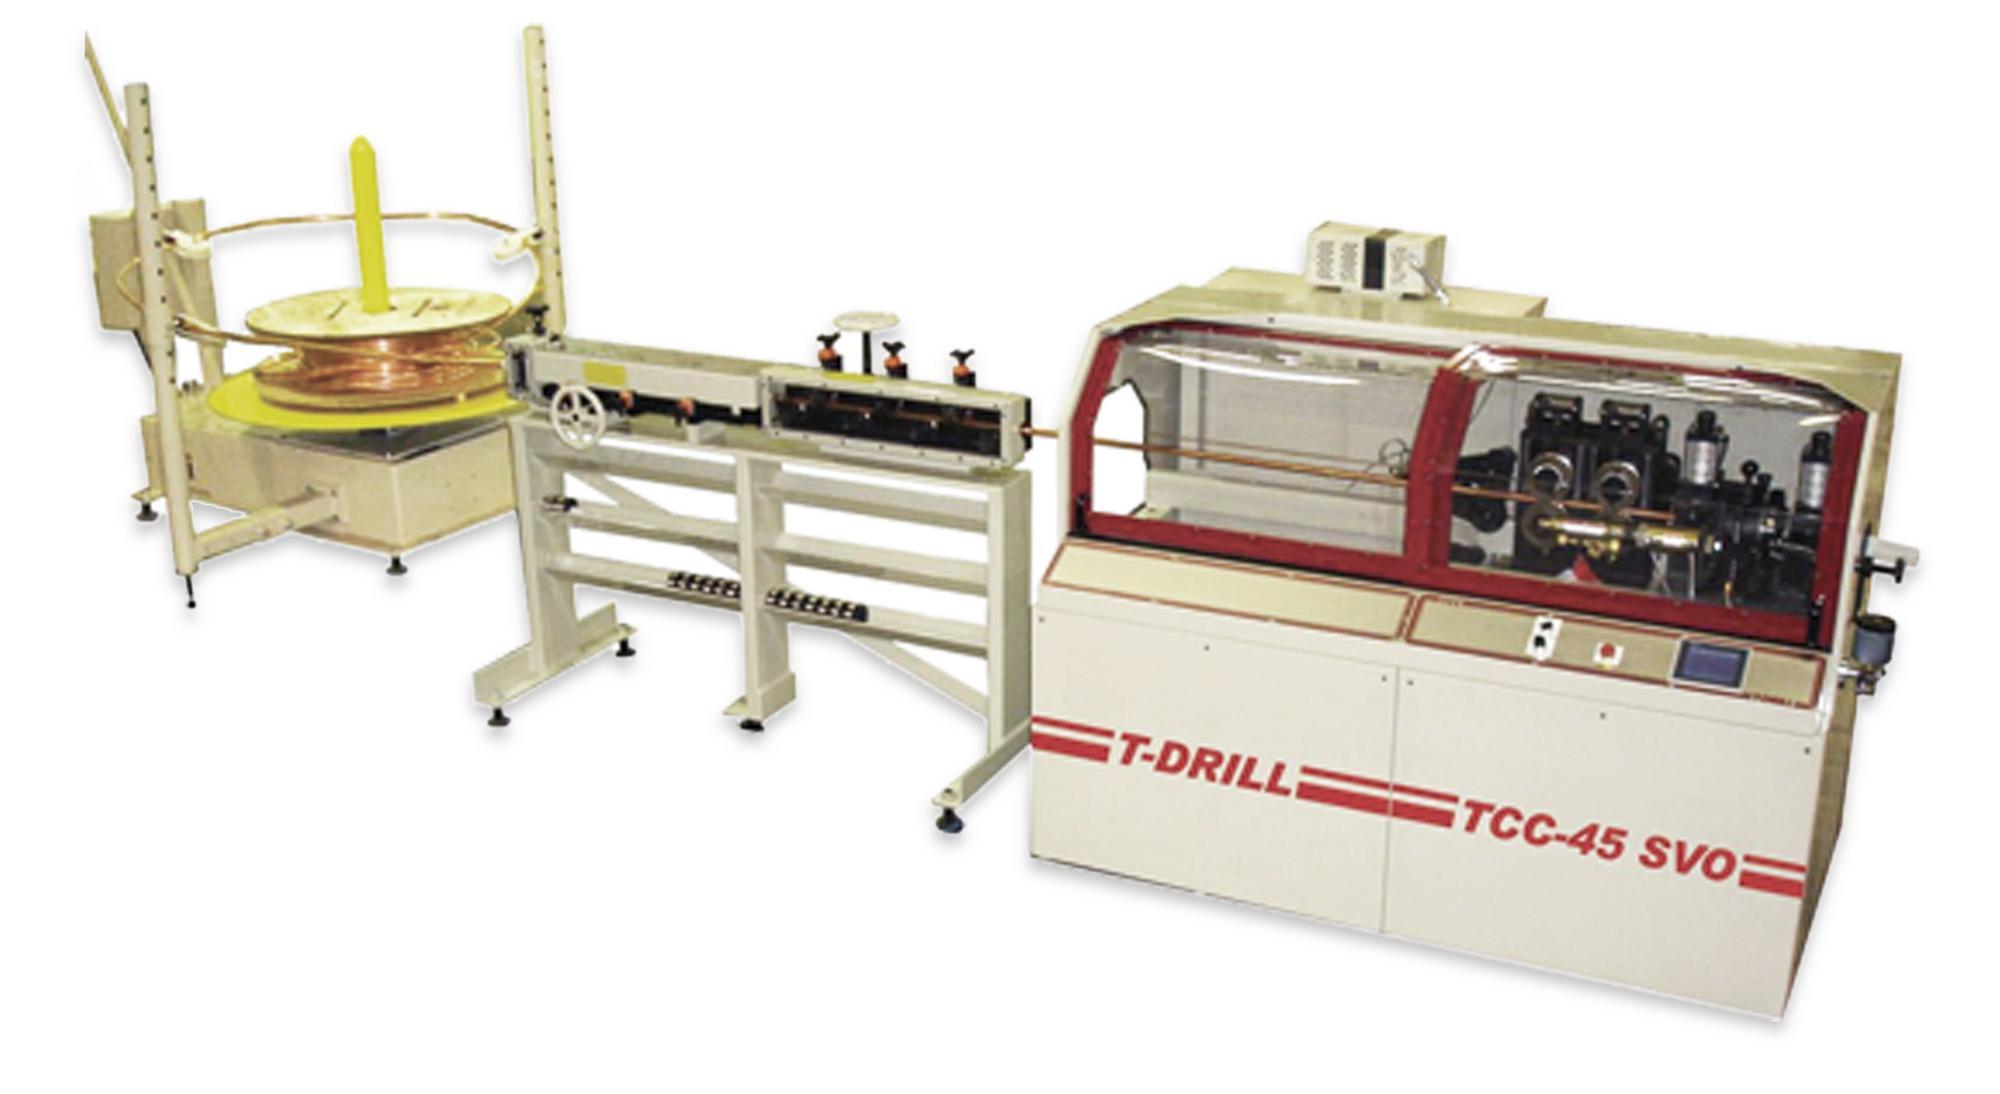 T-DRILL Cut-off machine TCC-45 SVO